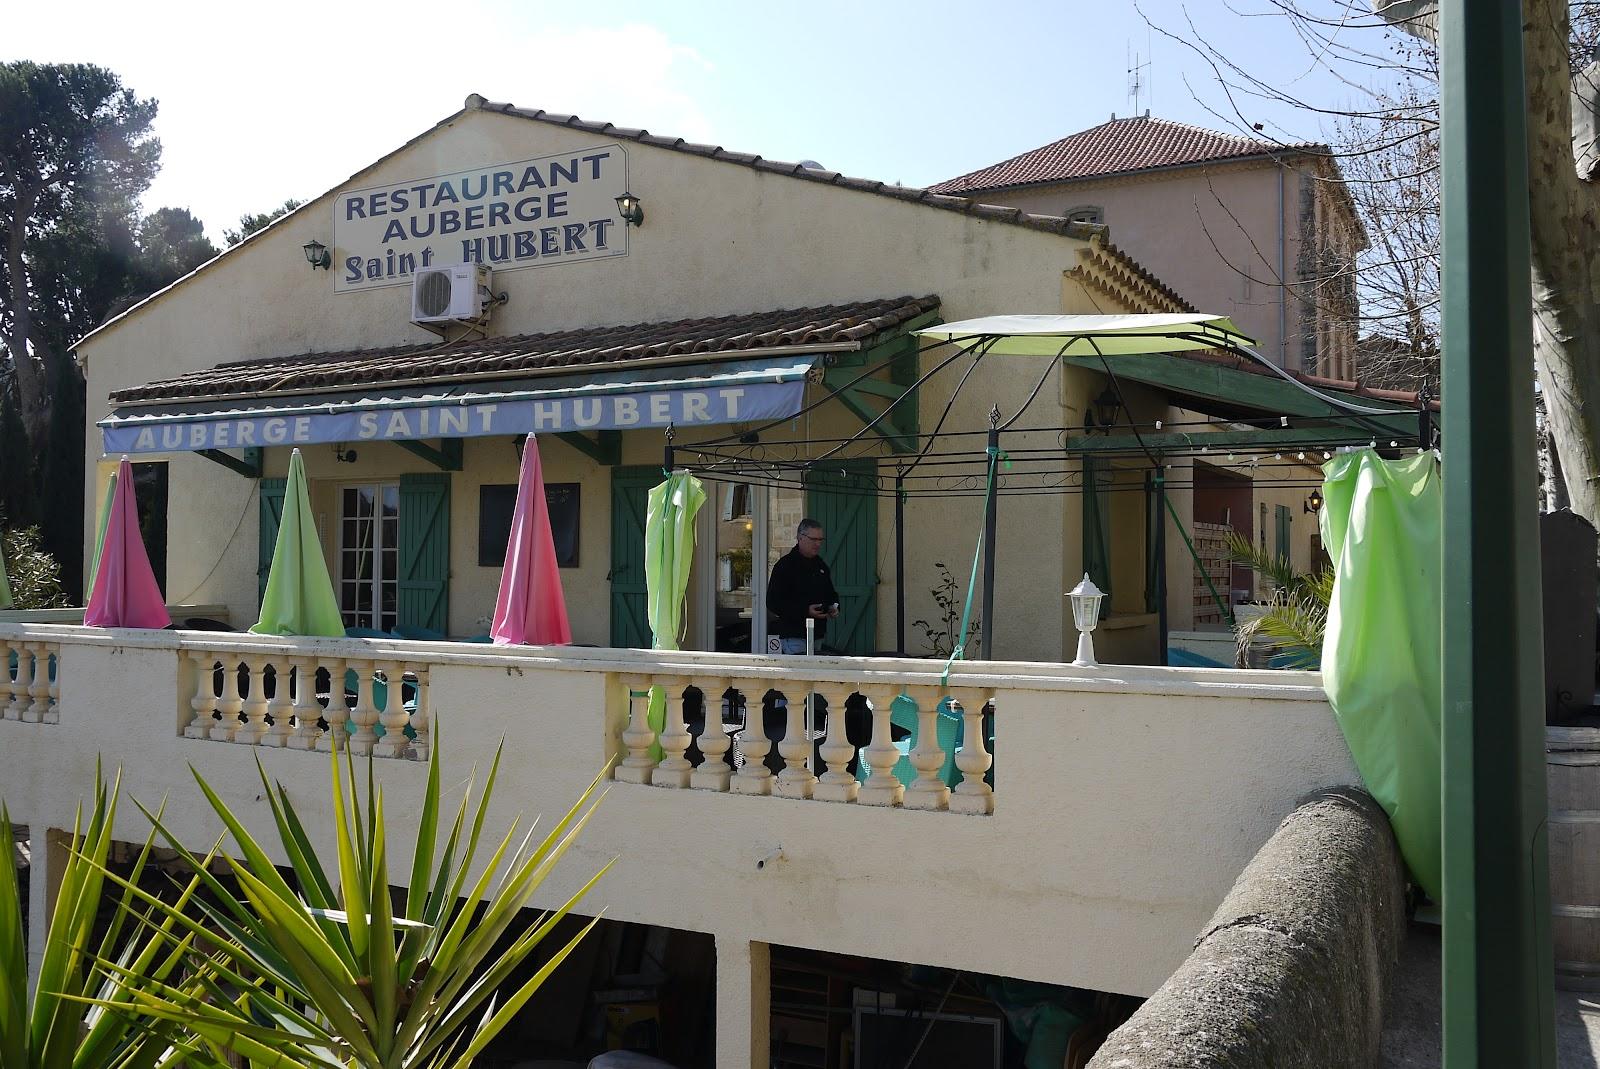 Restaurant St Hubert Roquebrun